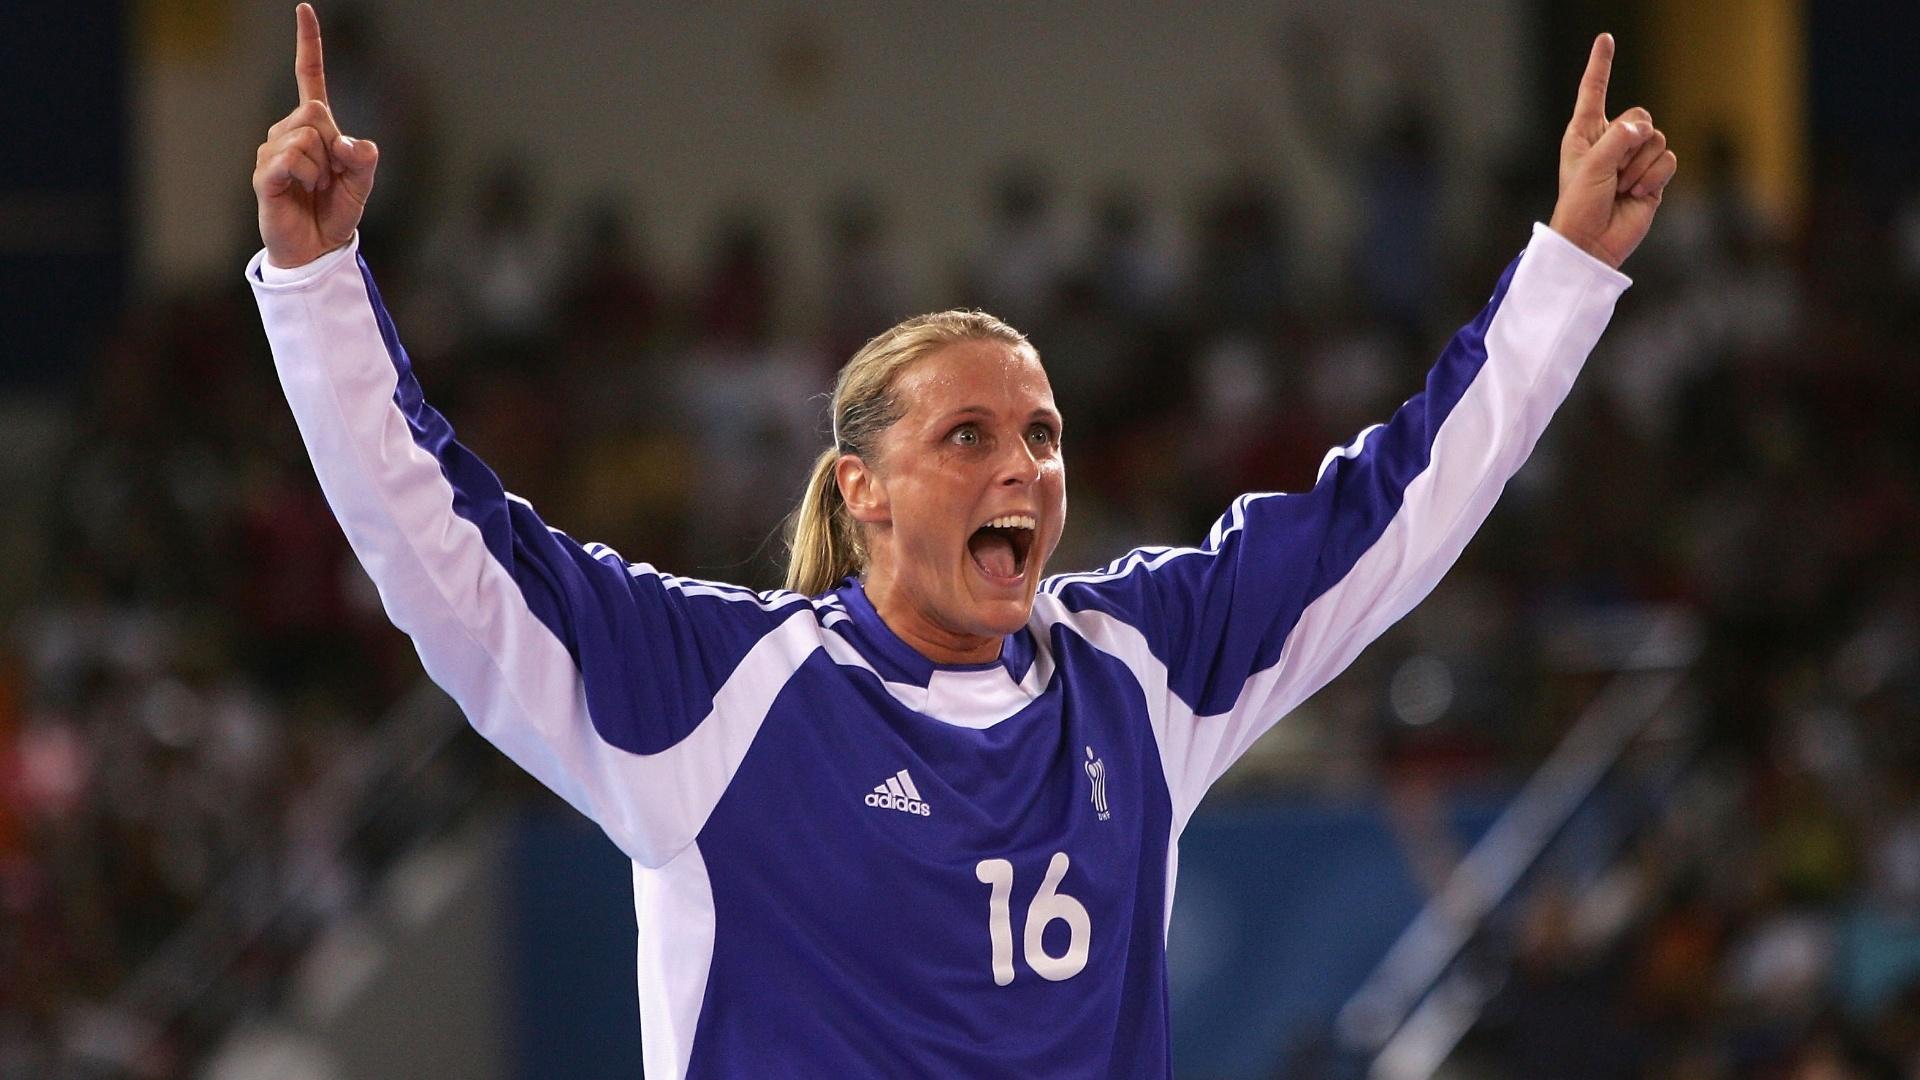 Rikke Schmidt, da seleção feminina de handebol da Dinamarca, comemora durante os Jogos Olímpicos de 2004